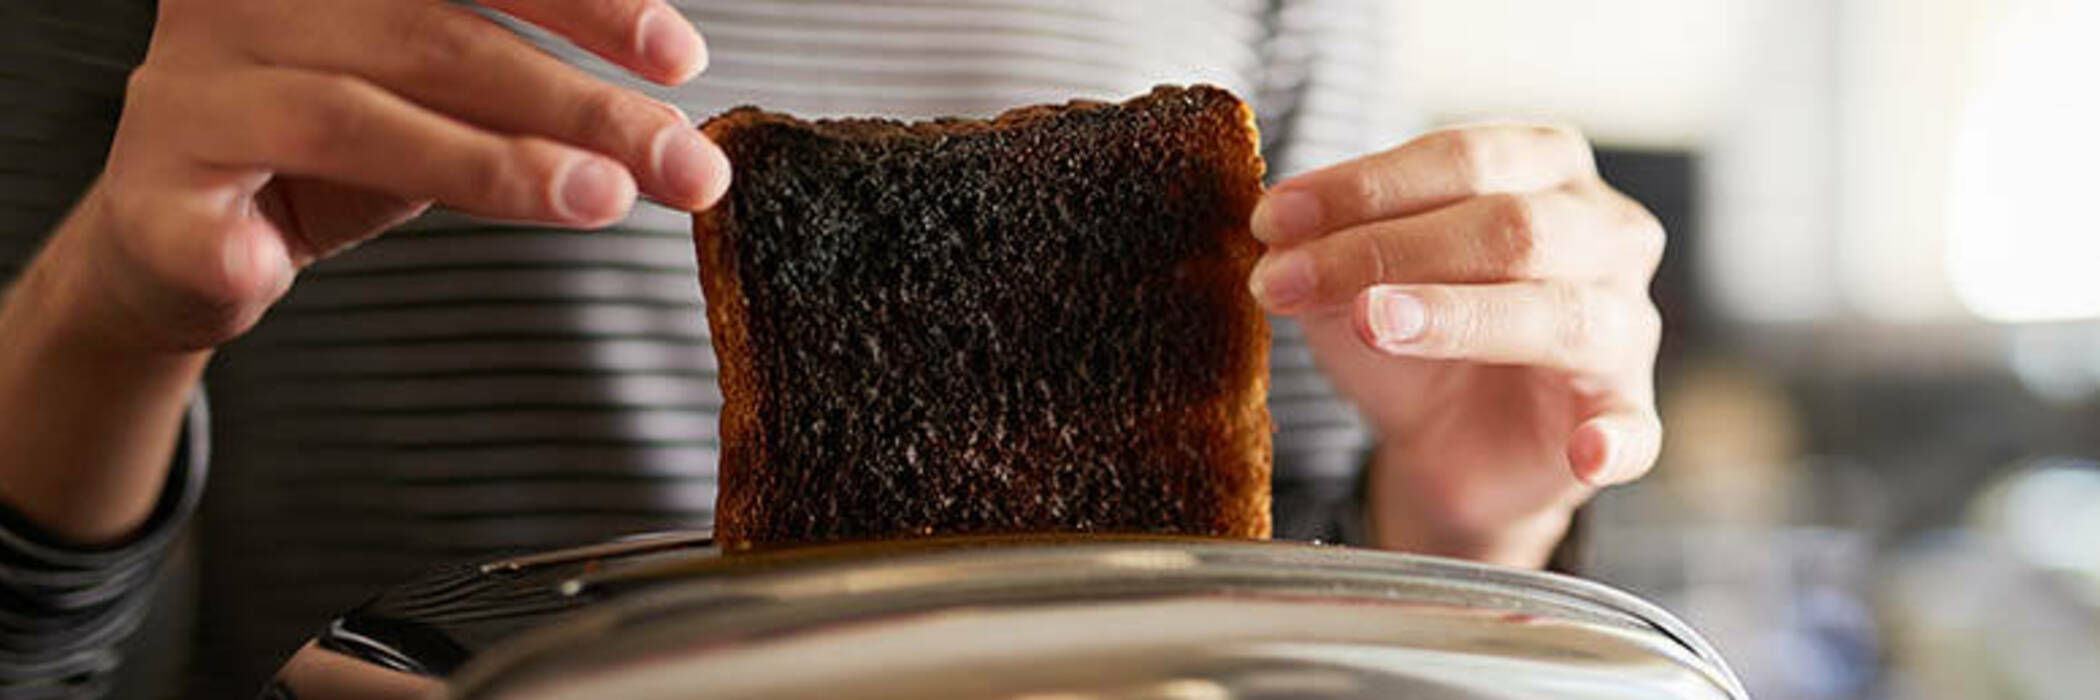 20jul 4 toasters to avoid hero